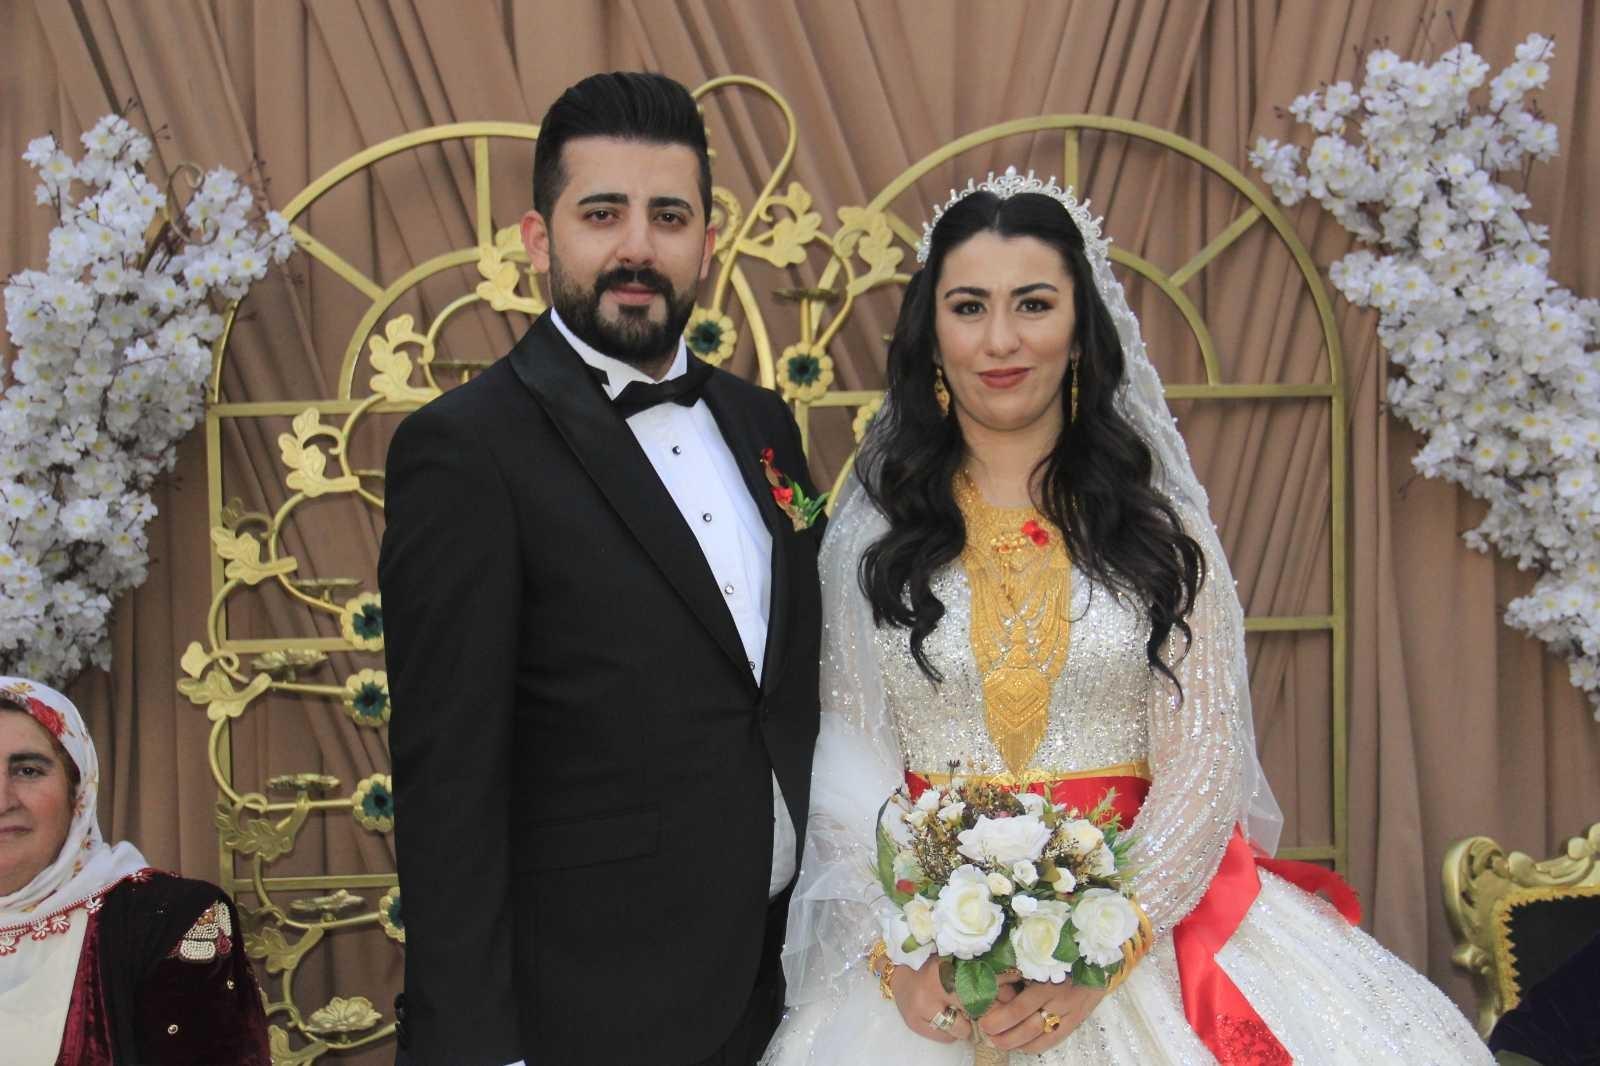 Hakkari'de şehit oğluna görkemli düğün #hakkari